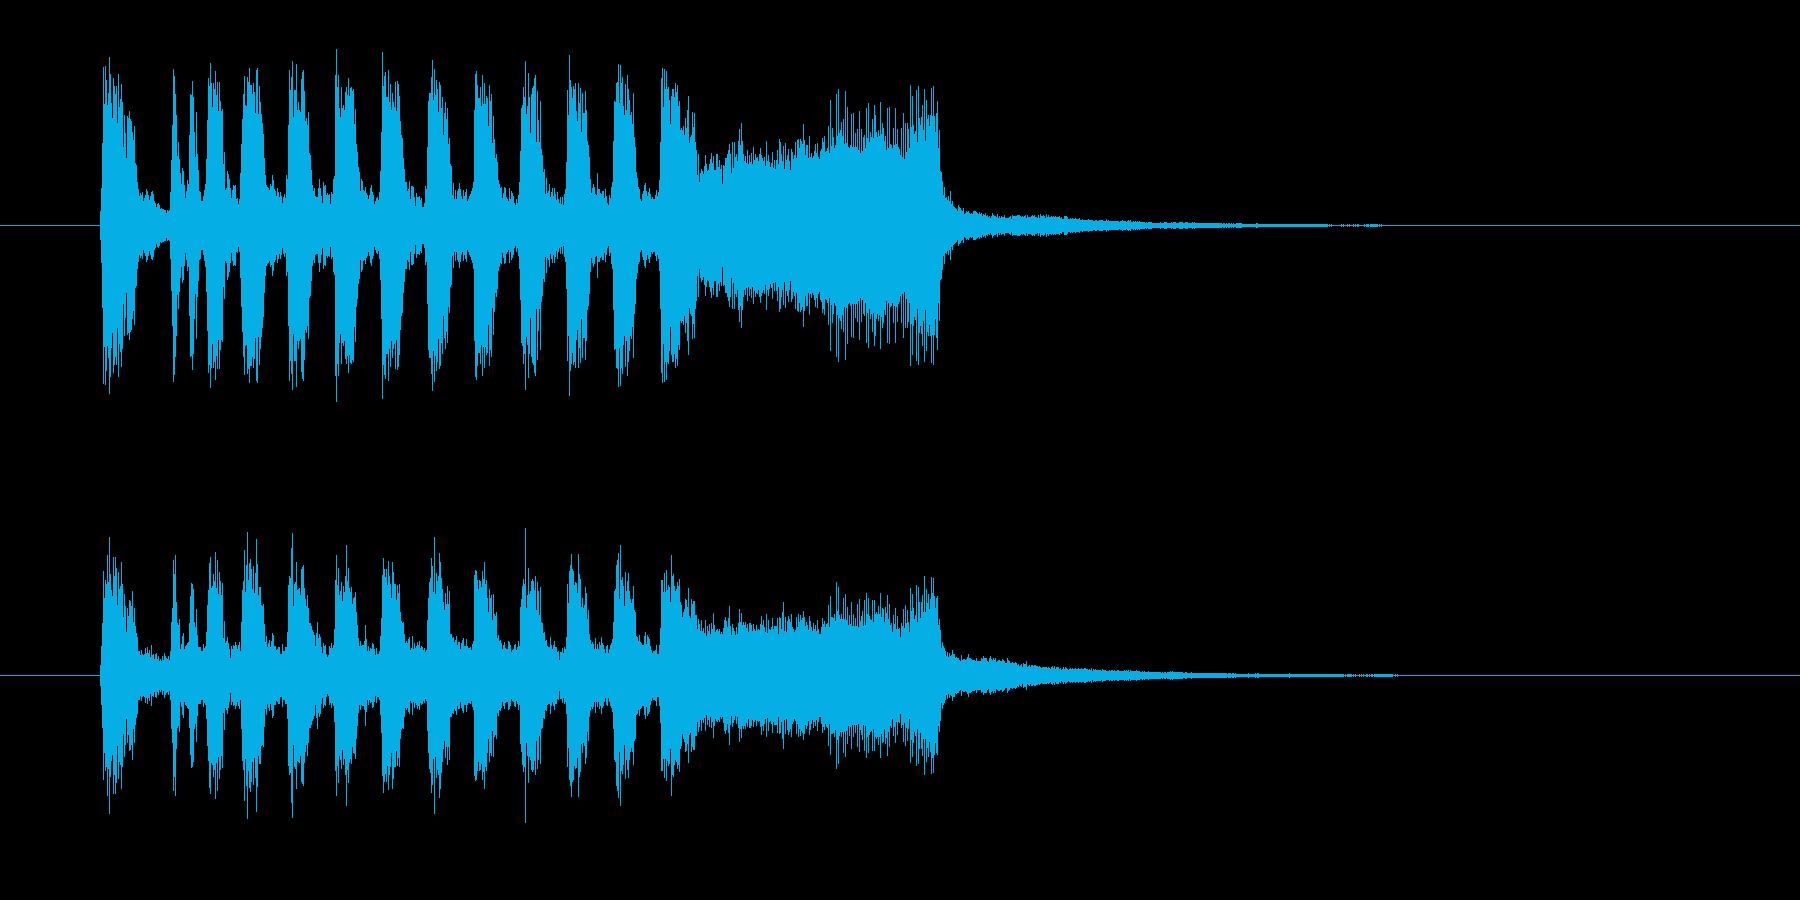 空高く鳴り響くラッパの再生済みの波形